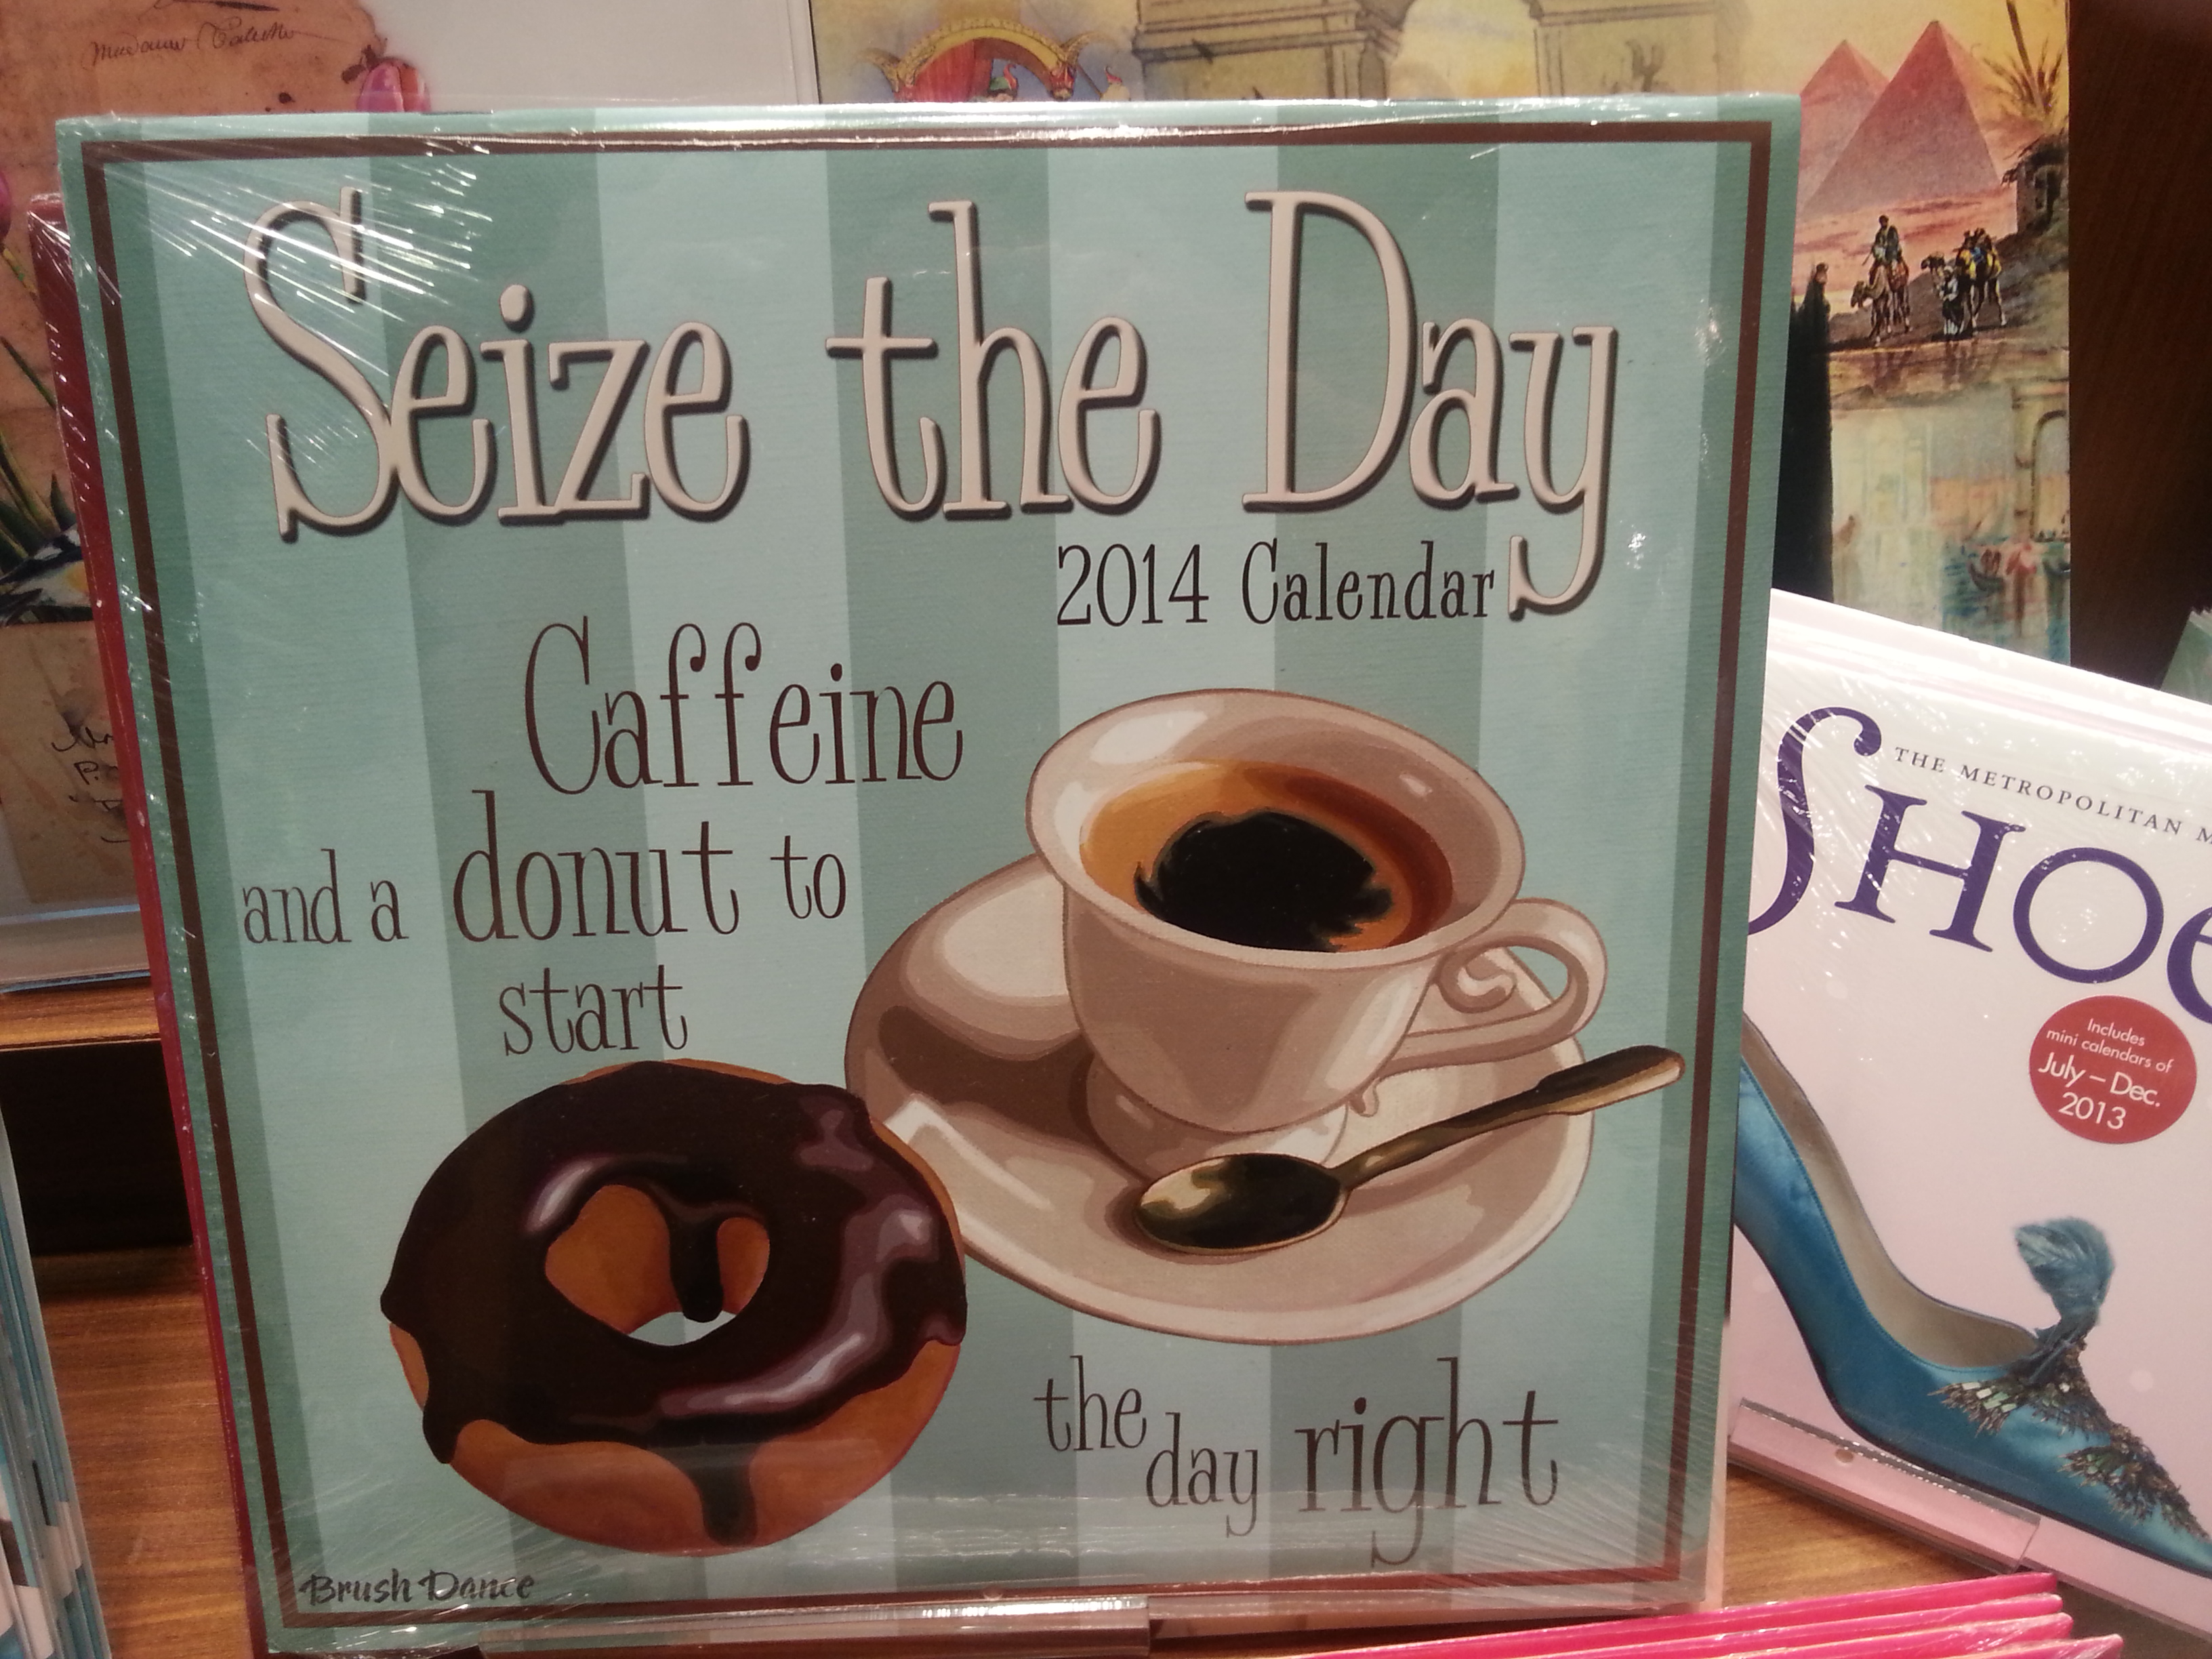 seize day coffee donut